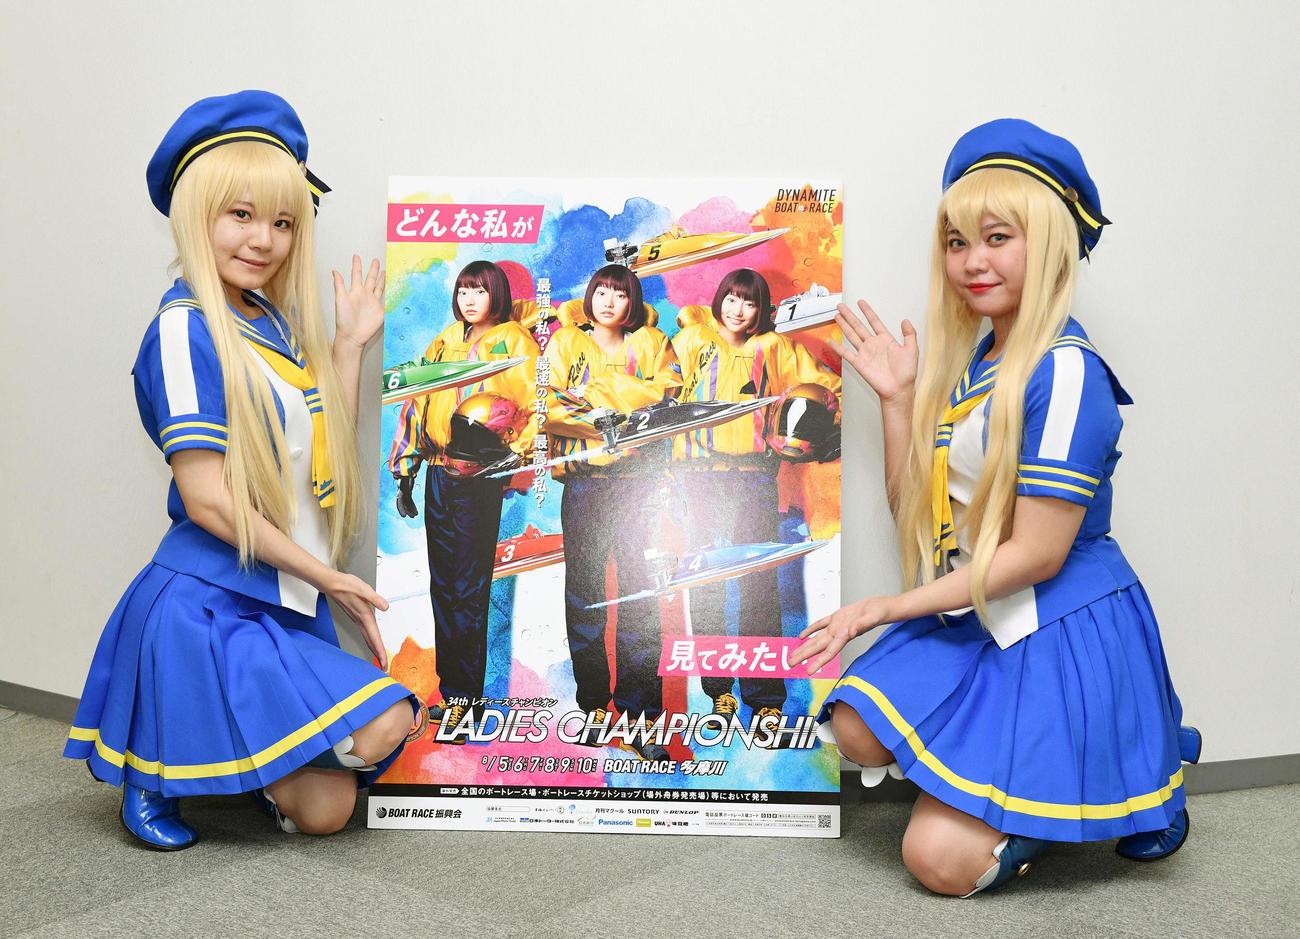 多摩川の新オリジナルキャラクター「静波まつり」のコスプレでレディースチャンピオンをPRする深月りん(左)とAki